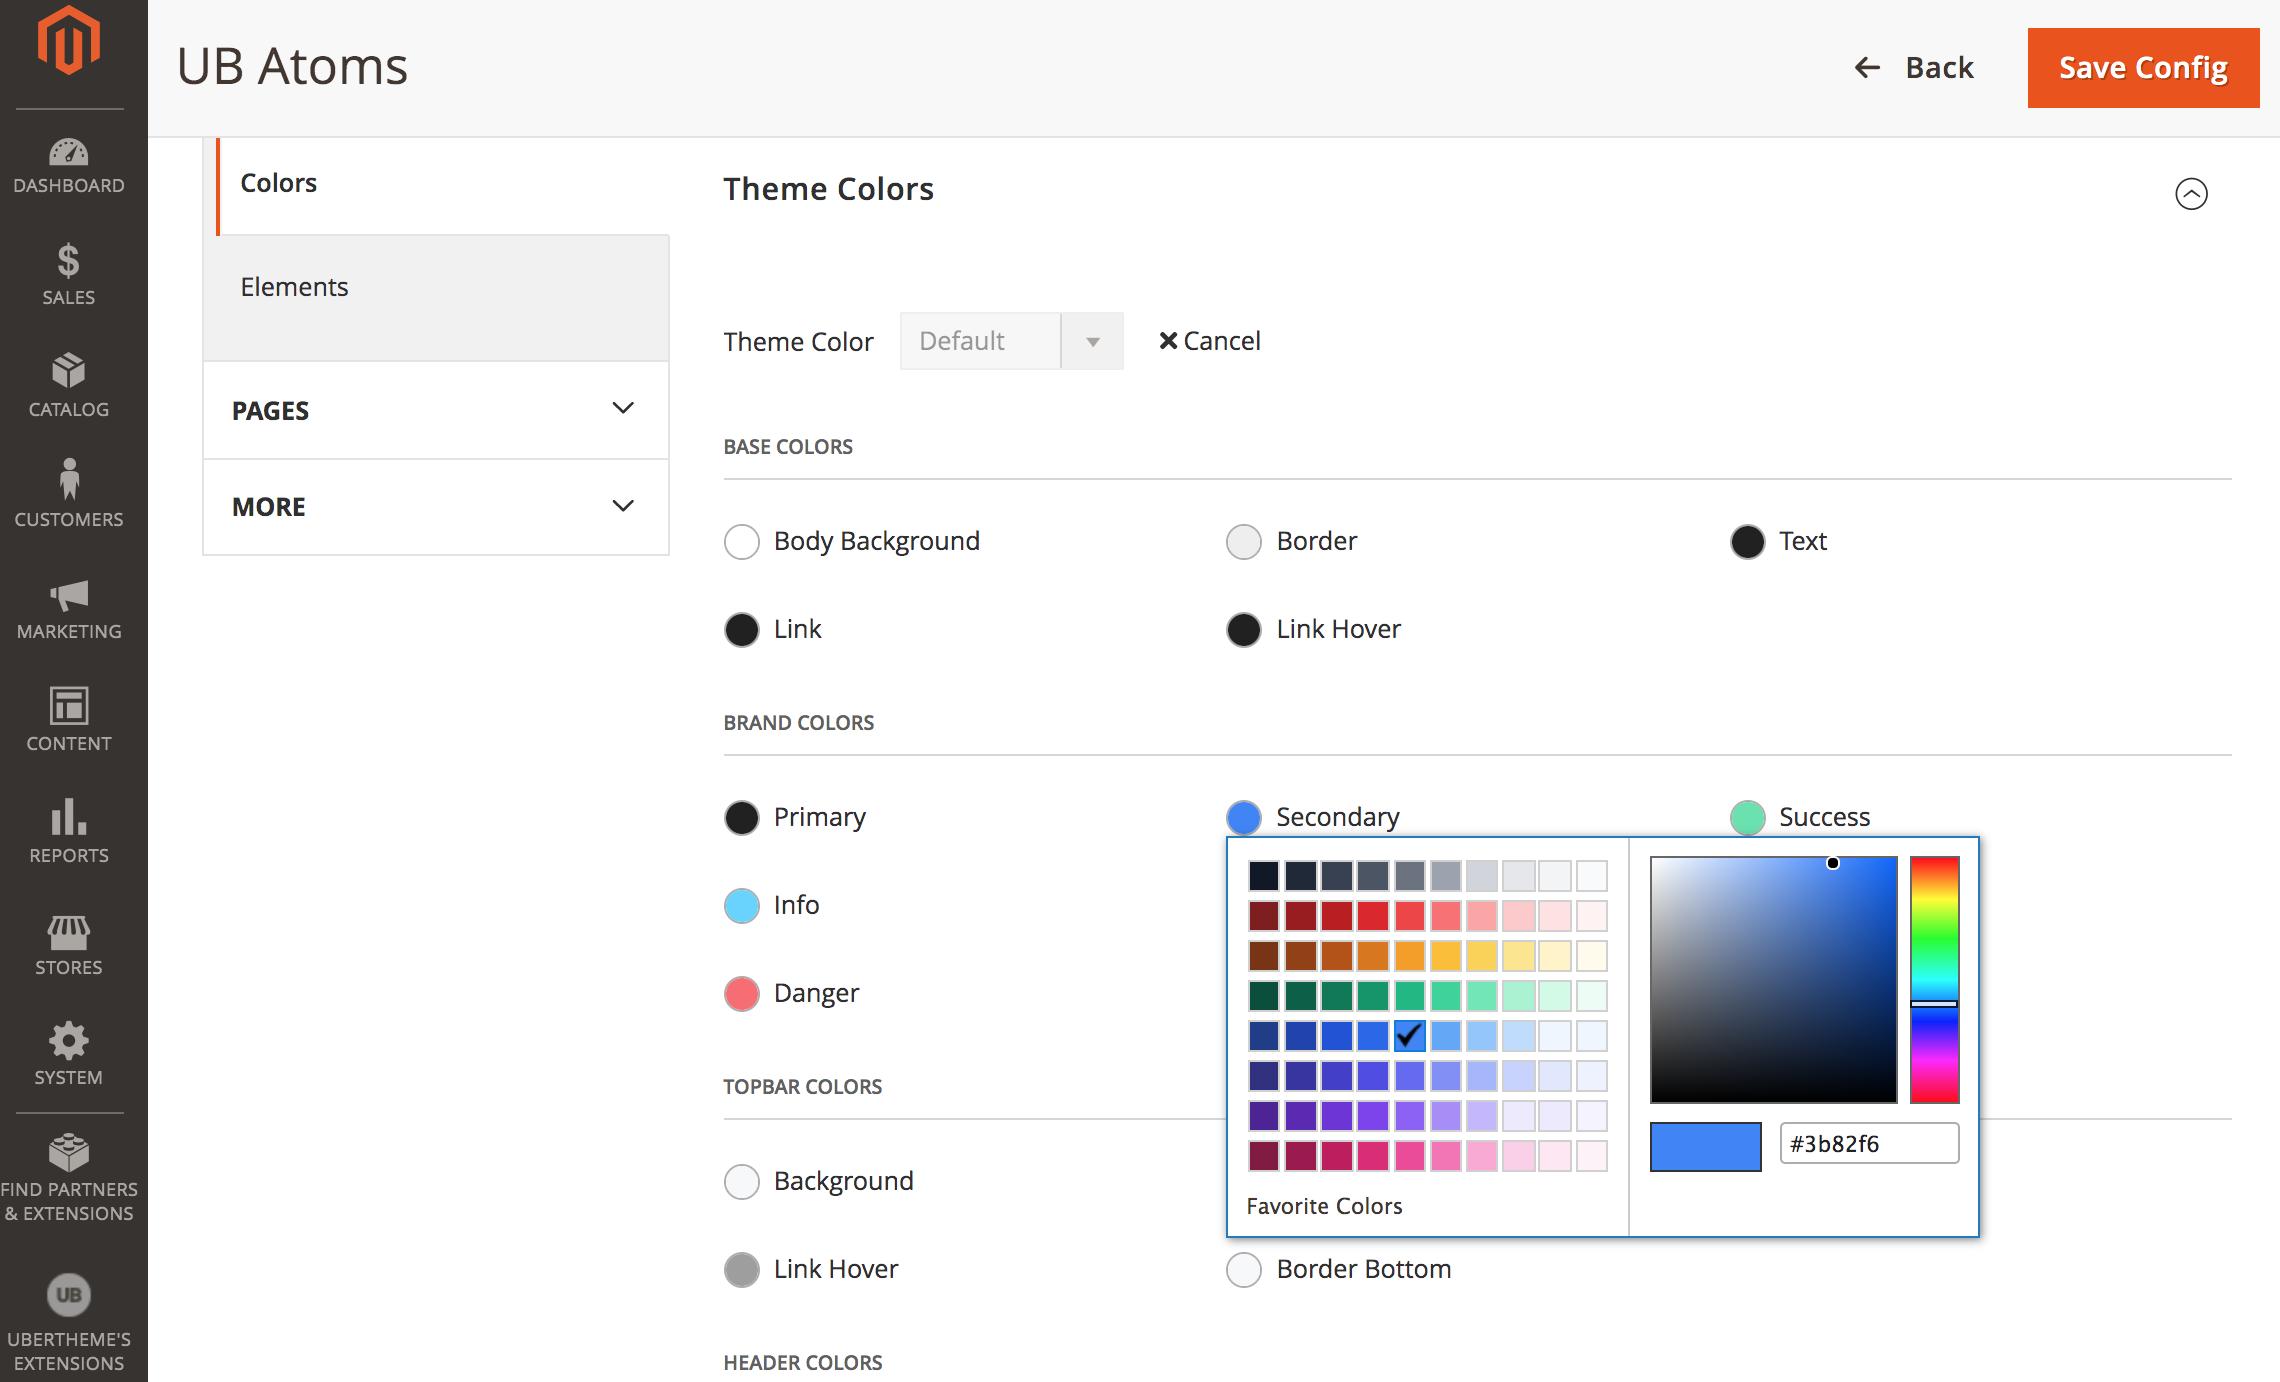 UB Atoms - Color Palette Configuration